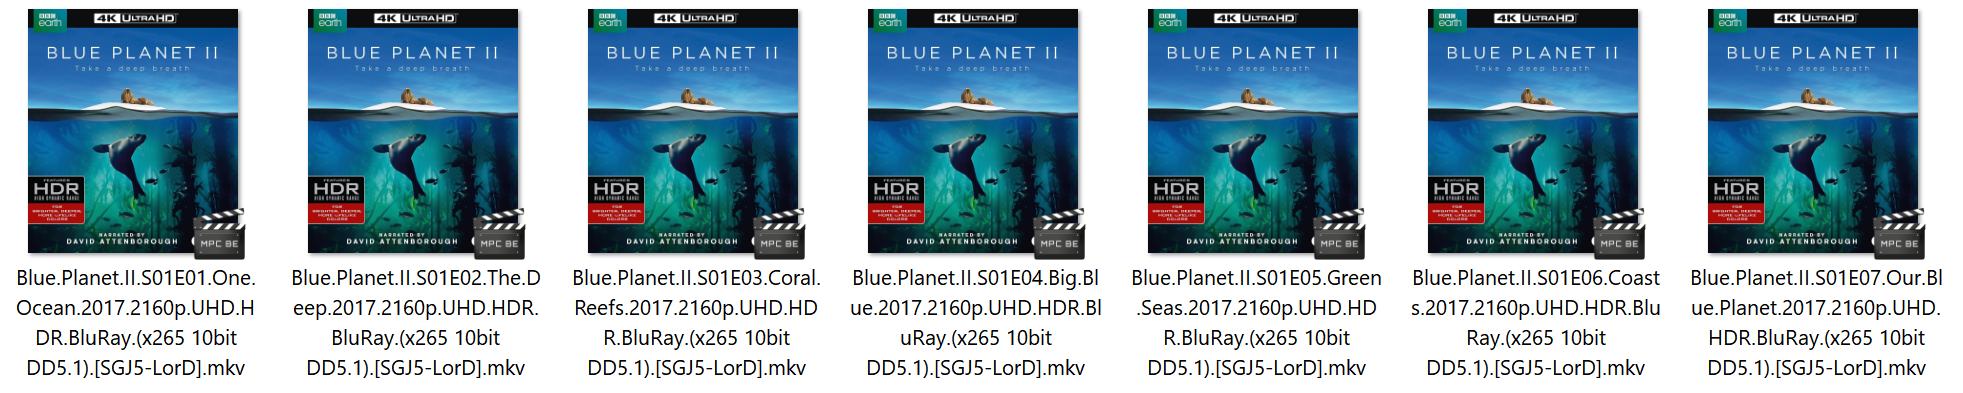 Blue Planet II 2017 2160p UHD HDR BluRay (x265 10bit DD5 1) [SGJ5-LorD]